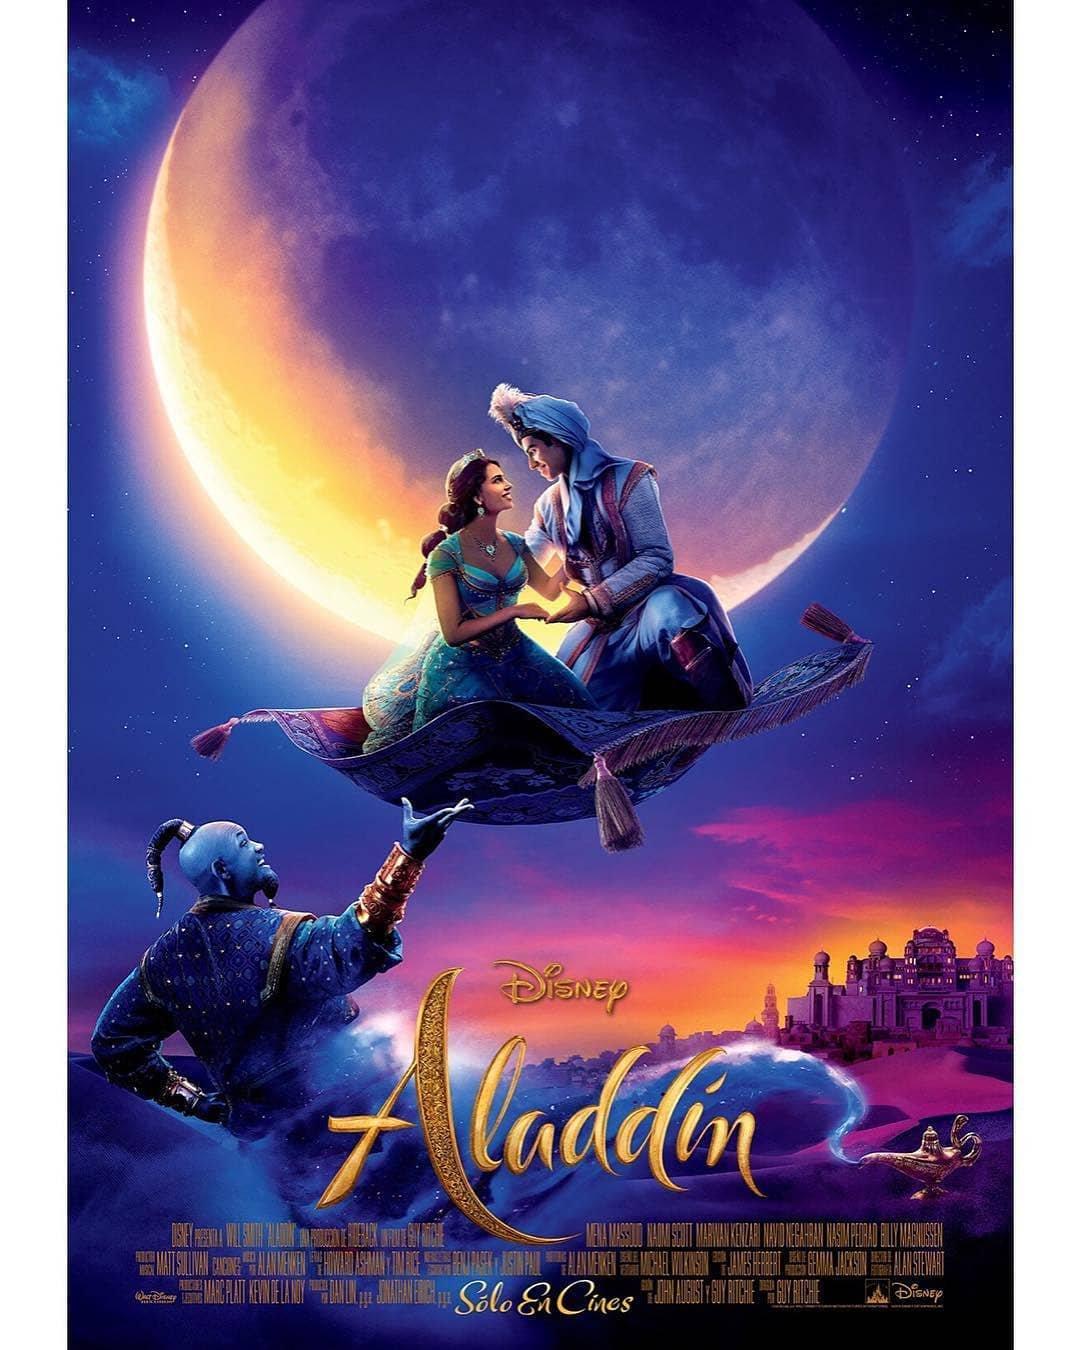 aladdin 2019 - Google Search